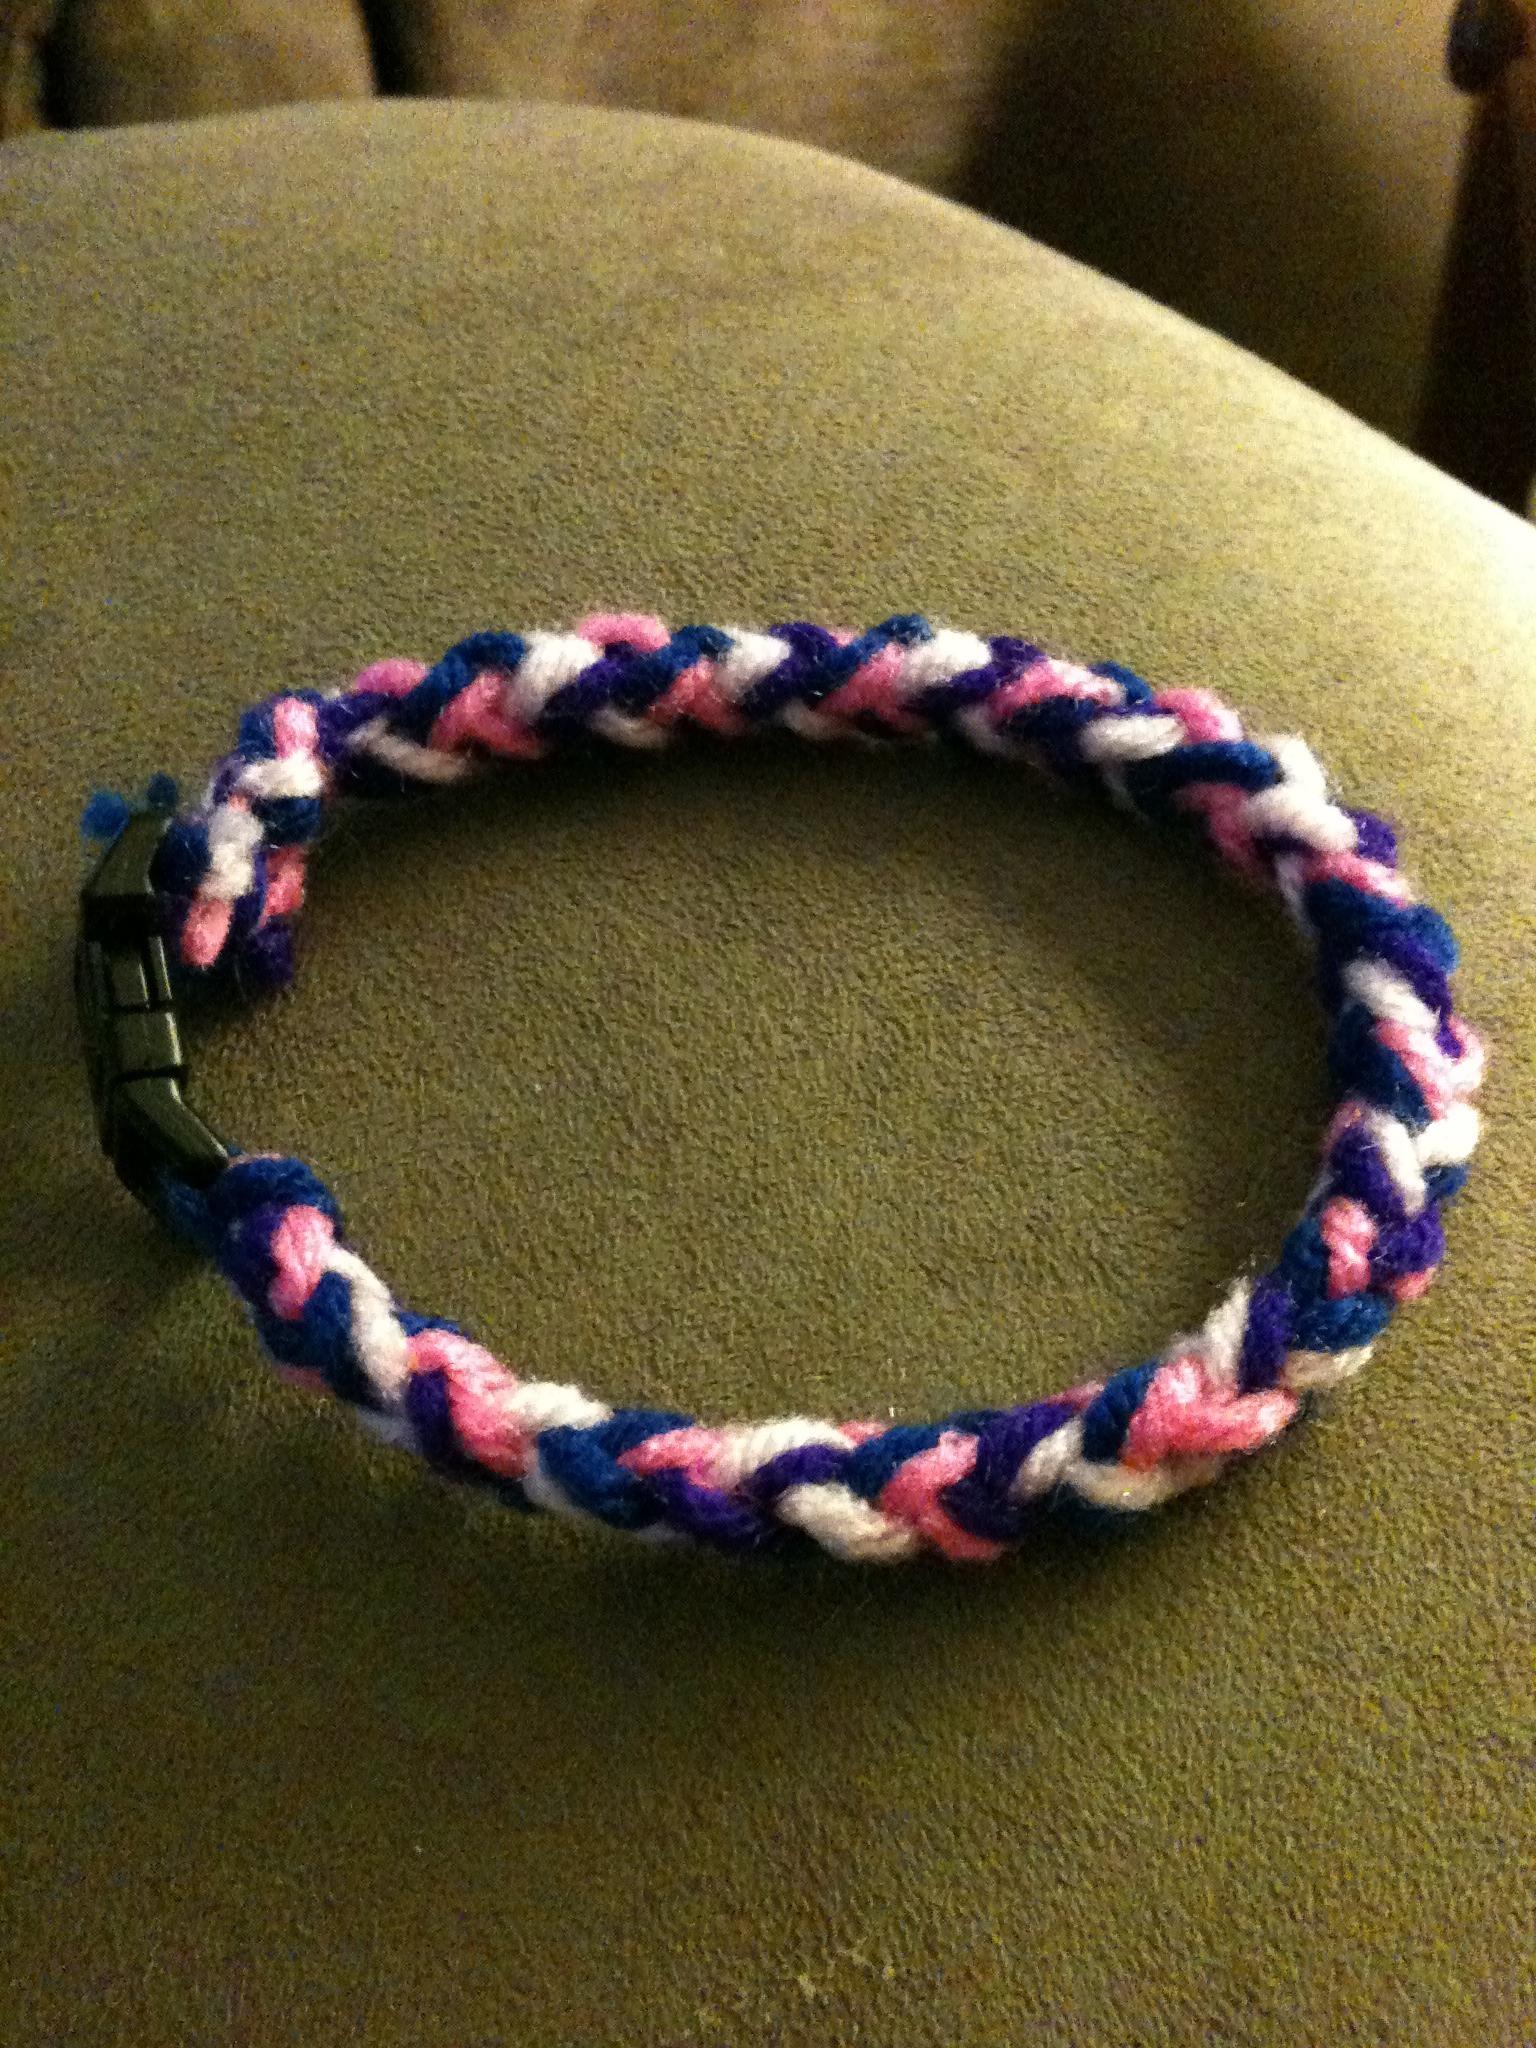 Picture of Yarn Bracelet